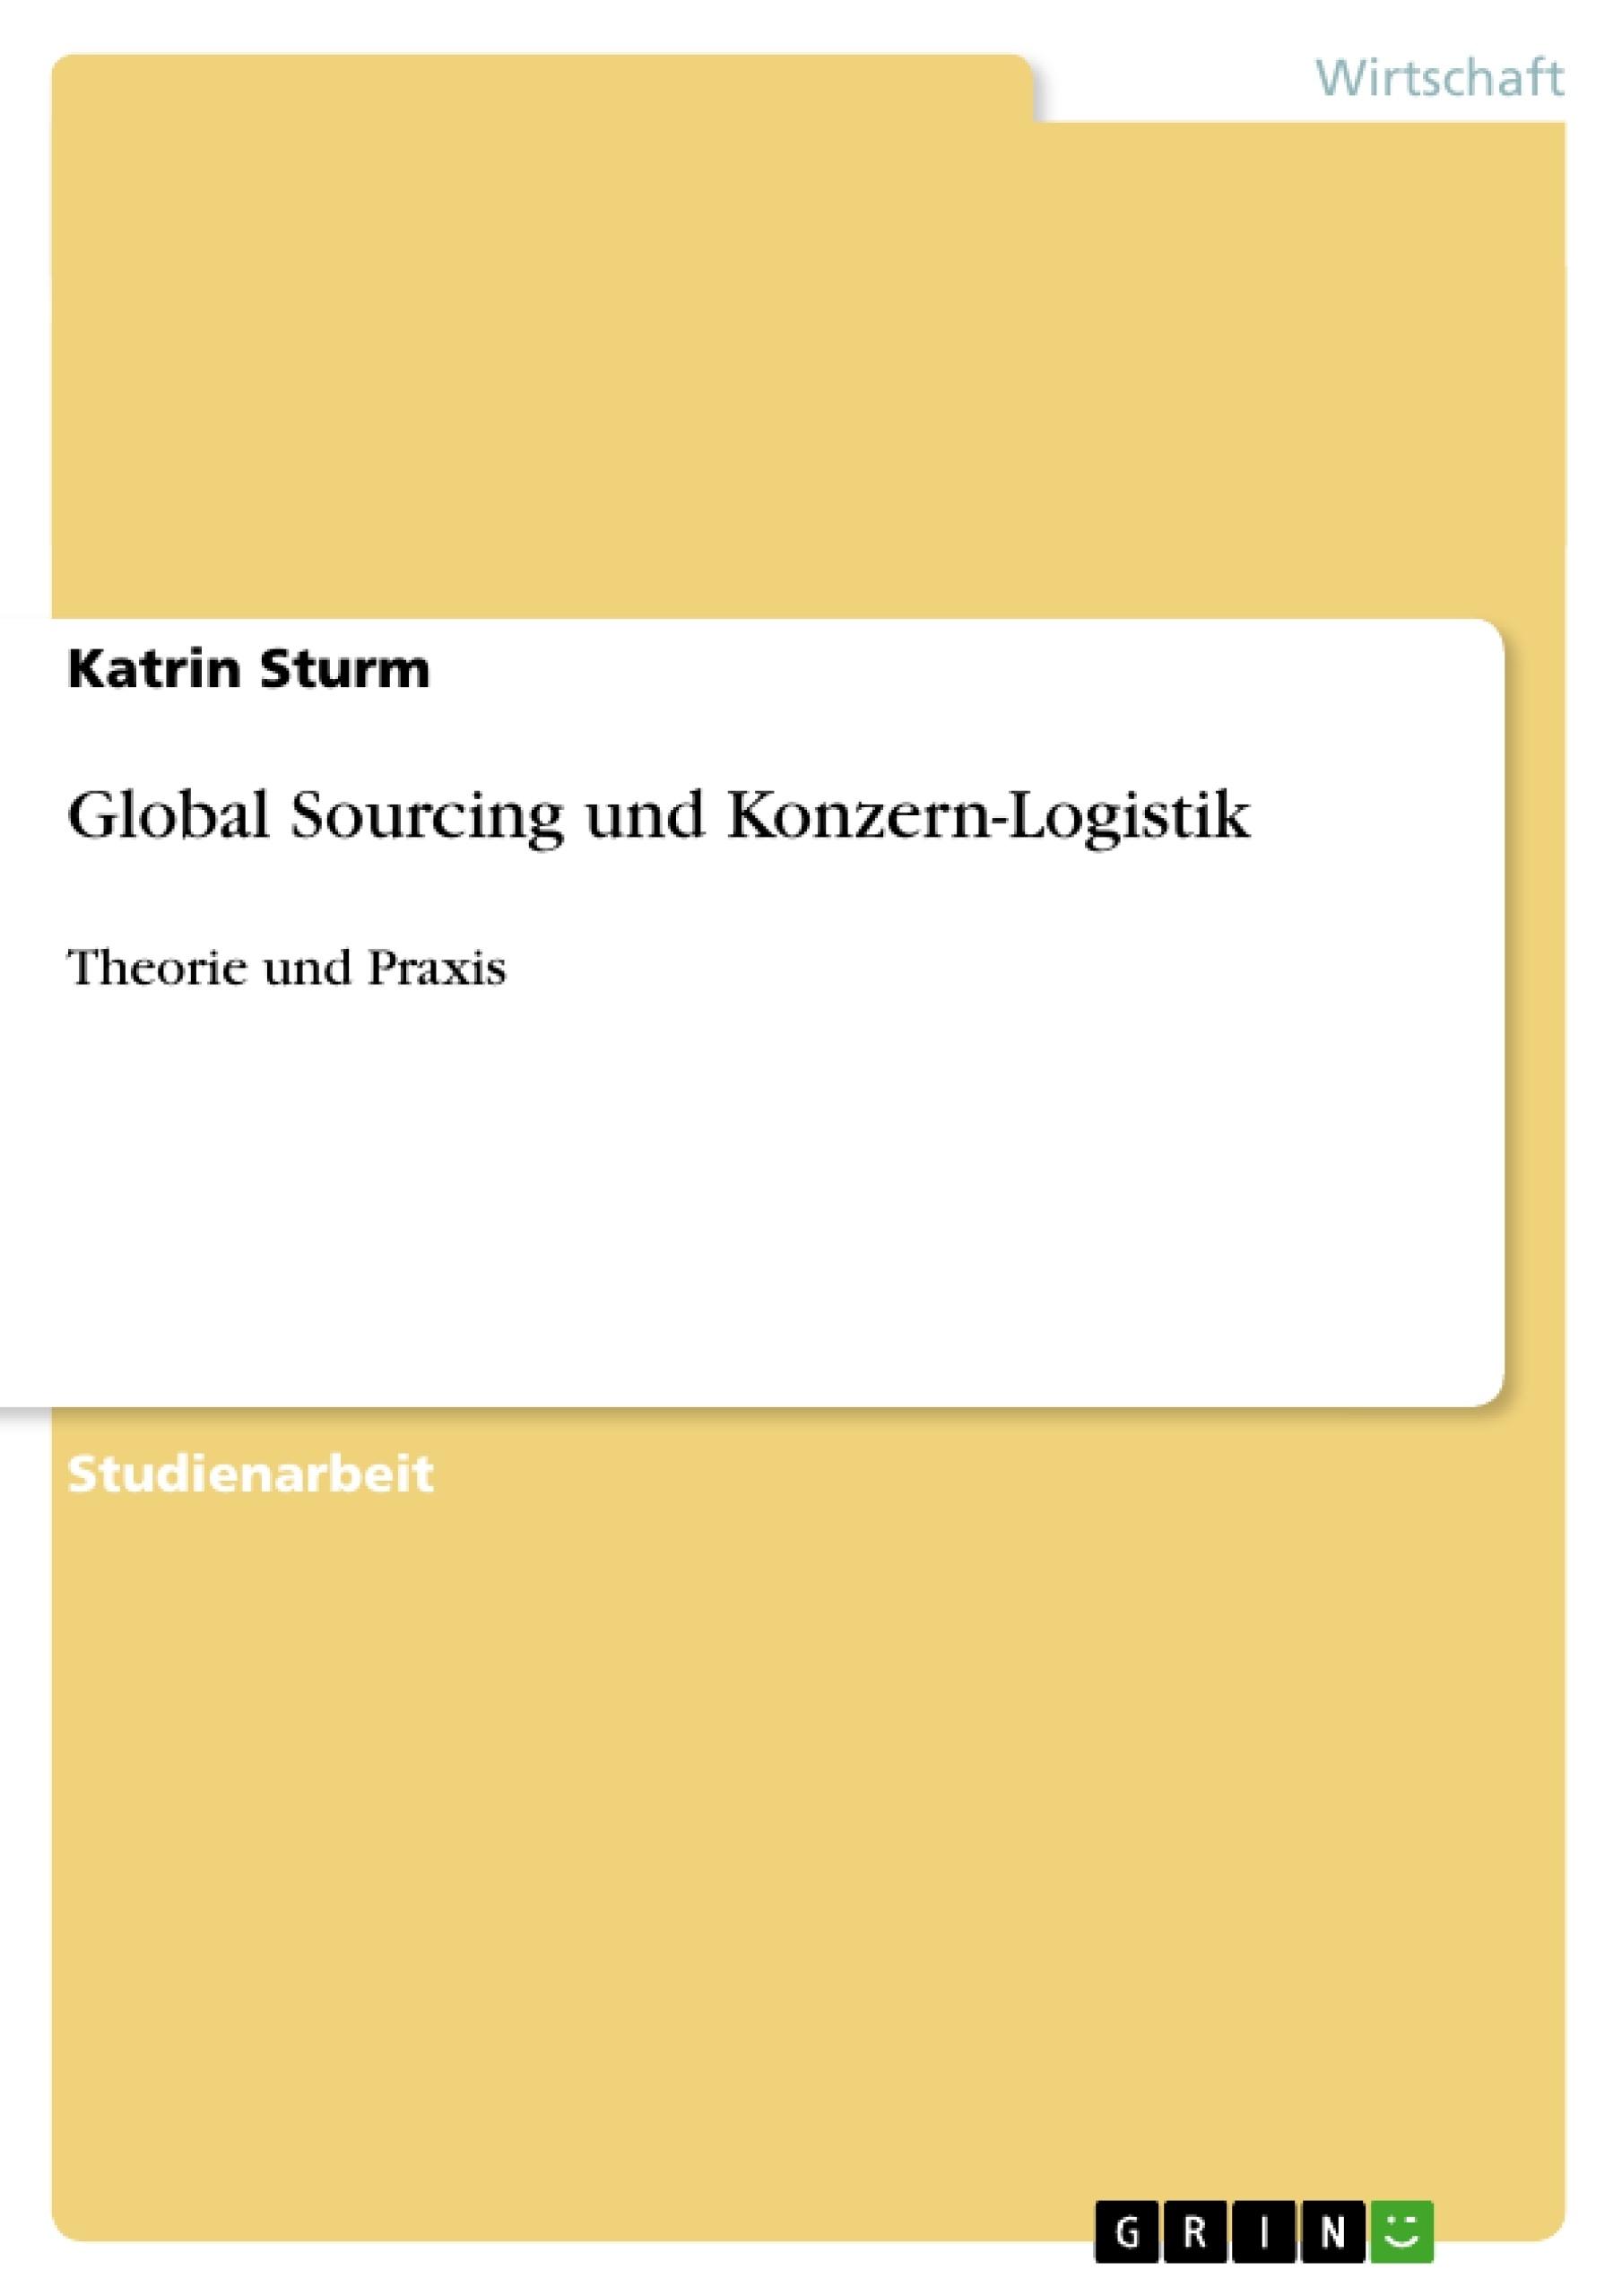 Titel: Global Sourcing und Konzern-Logistik